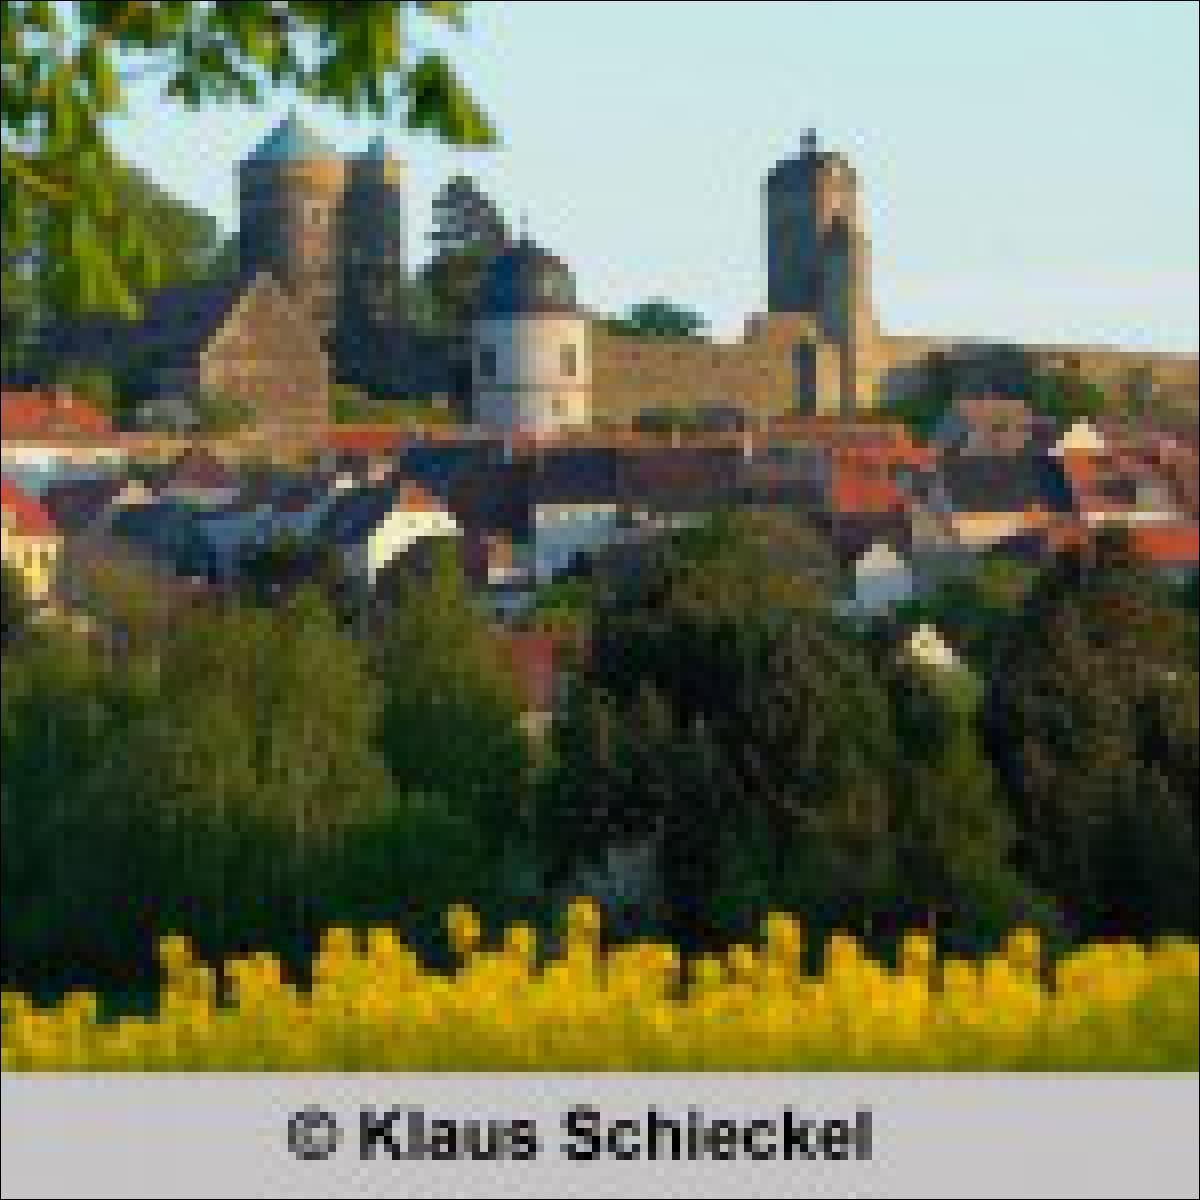 Blick auf die Burg Stolpen - von Klaus Schieckel